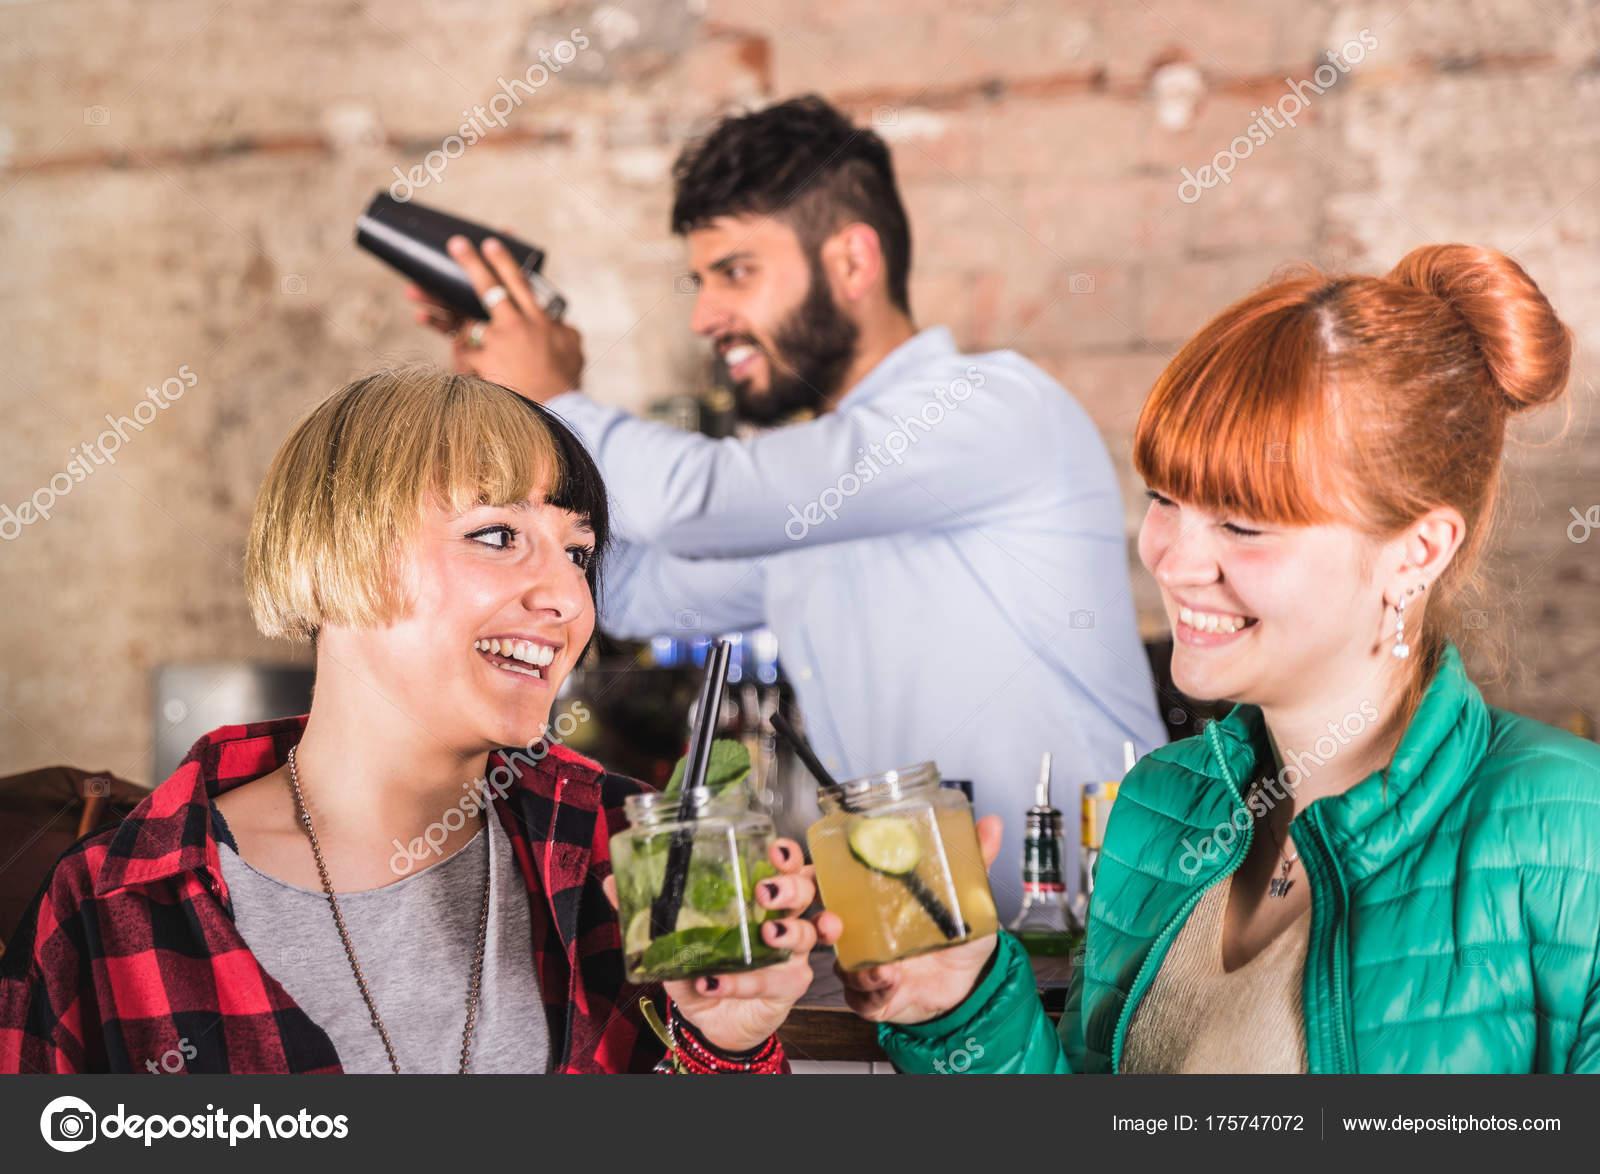 Пожилая ибица вечеринка девки пьяные ролики клубов